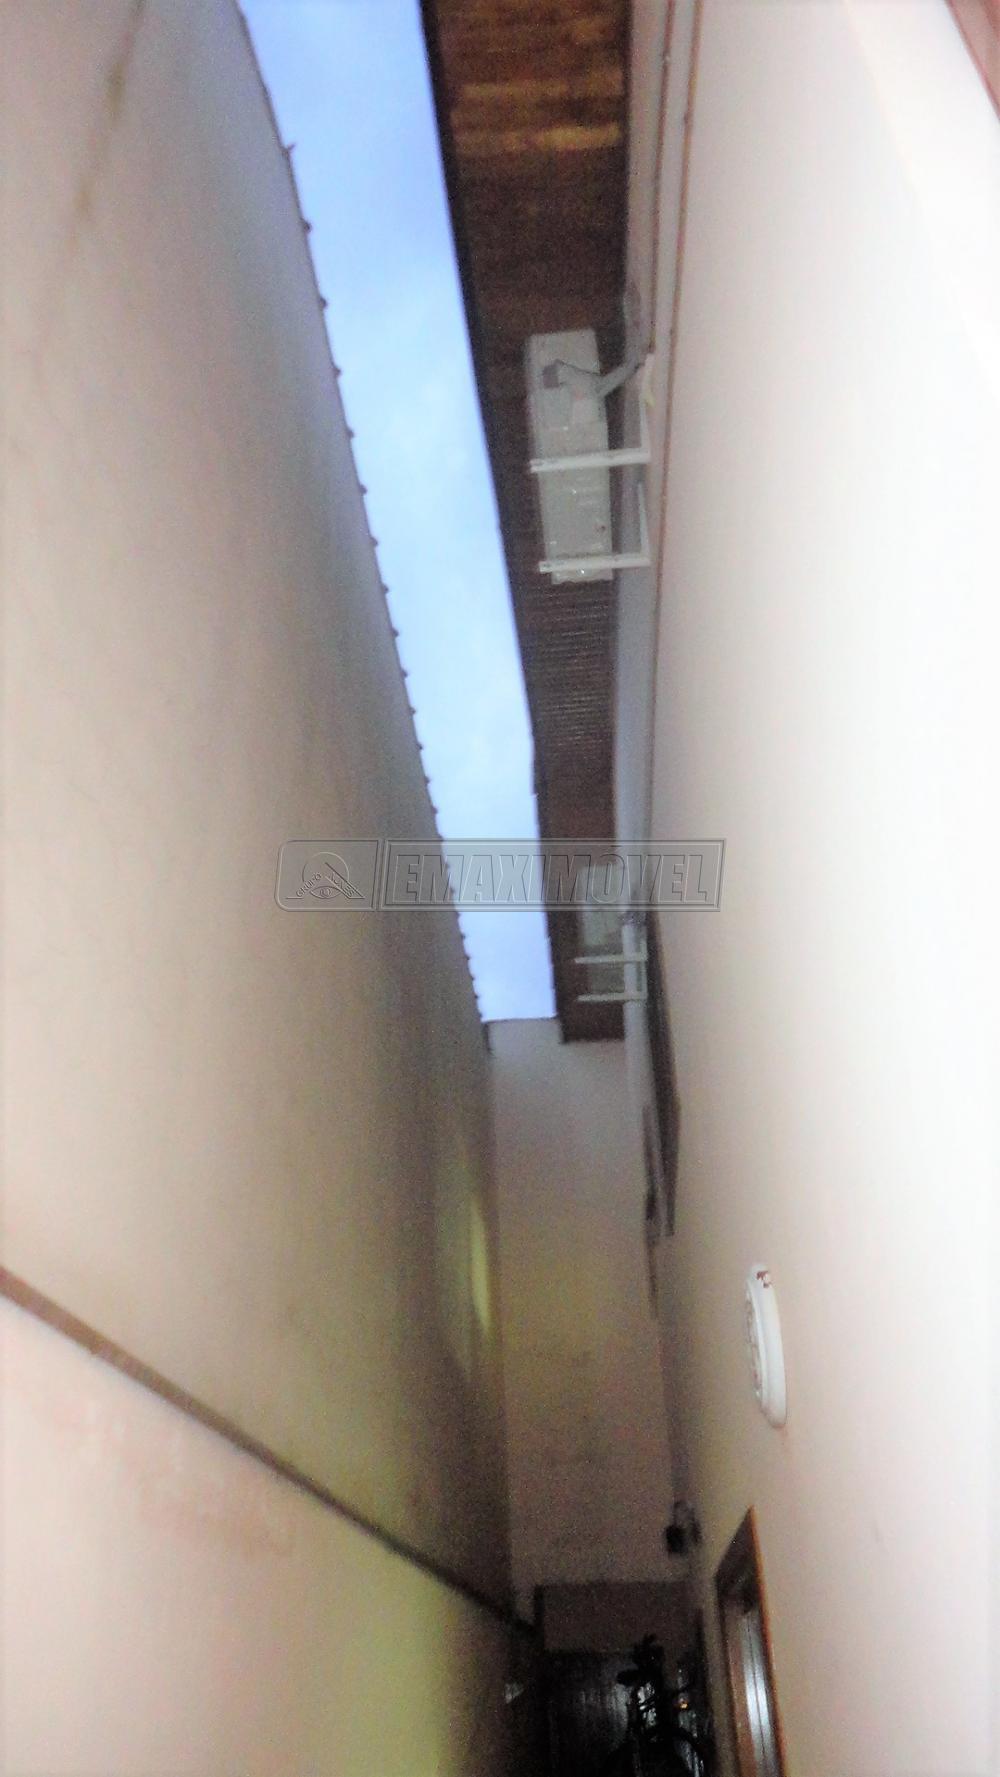 Comprar Casas / em Bairros em Sorocaba apenas R$ 450.000,00 - Foto 25